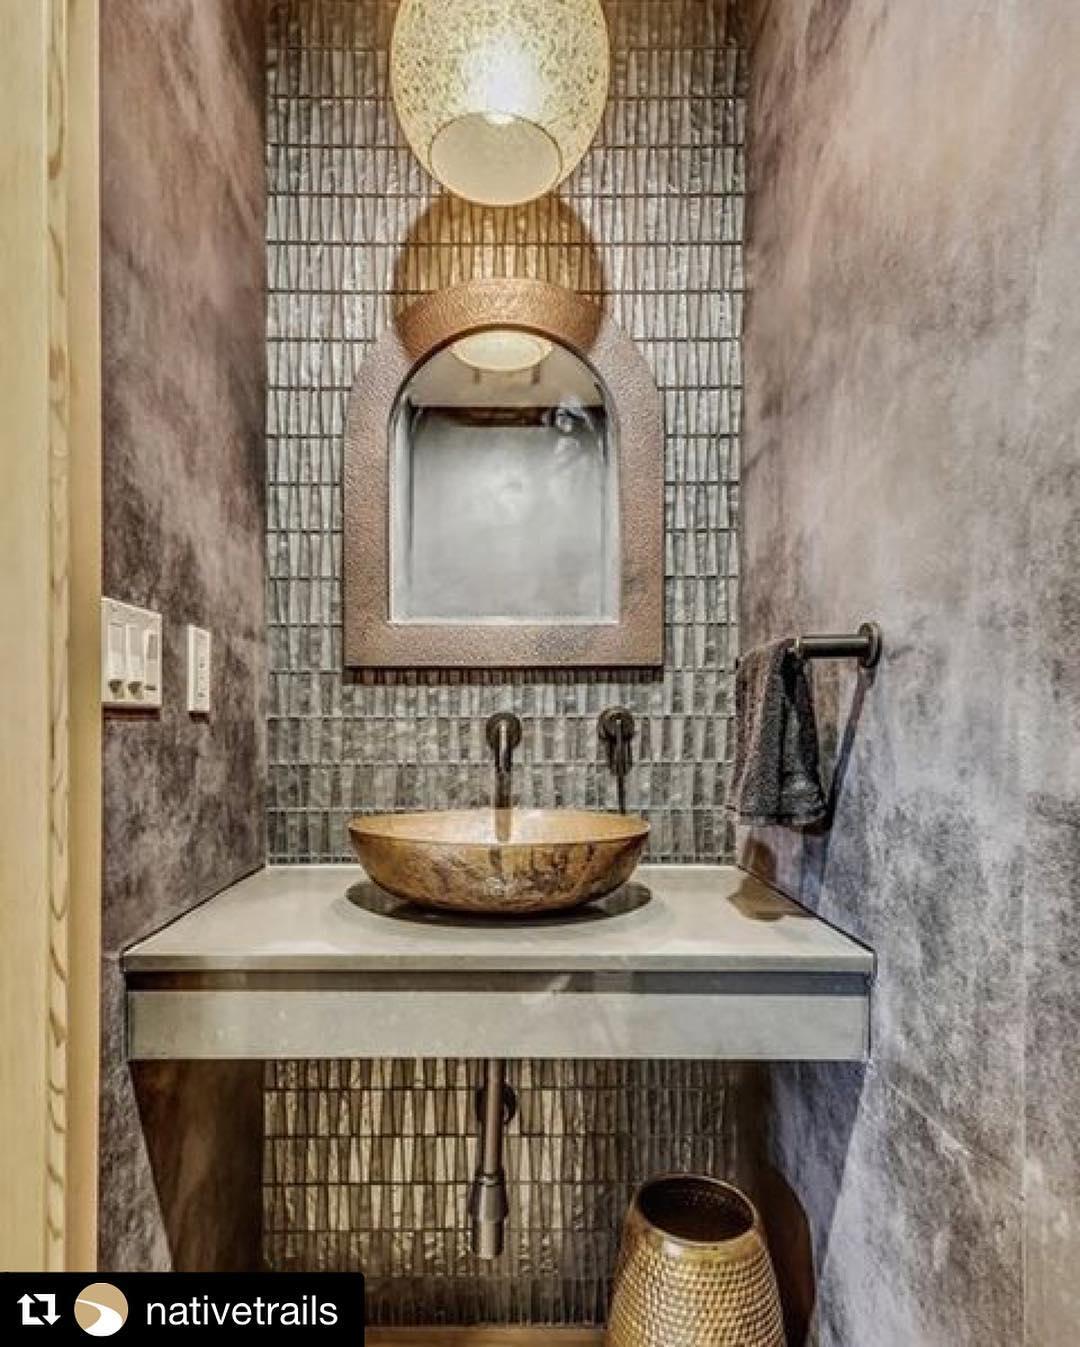 Sedona Mirror And Maestro Sonata Sink In Tempered Copper Finish Perfect For Rustic Bathroom